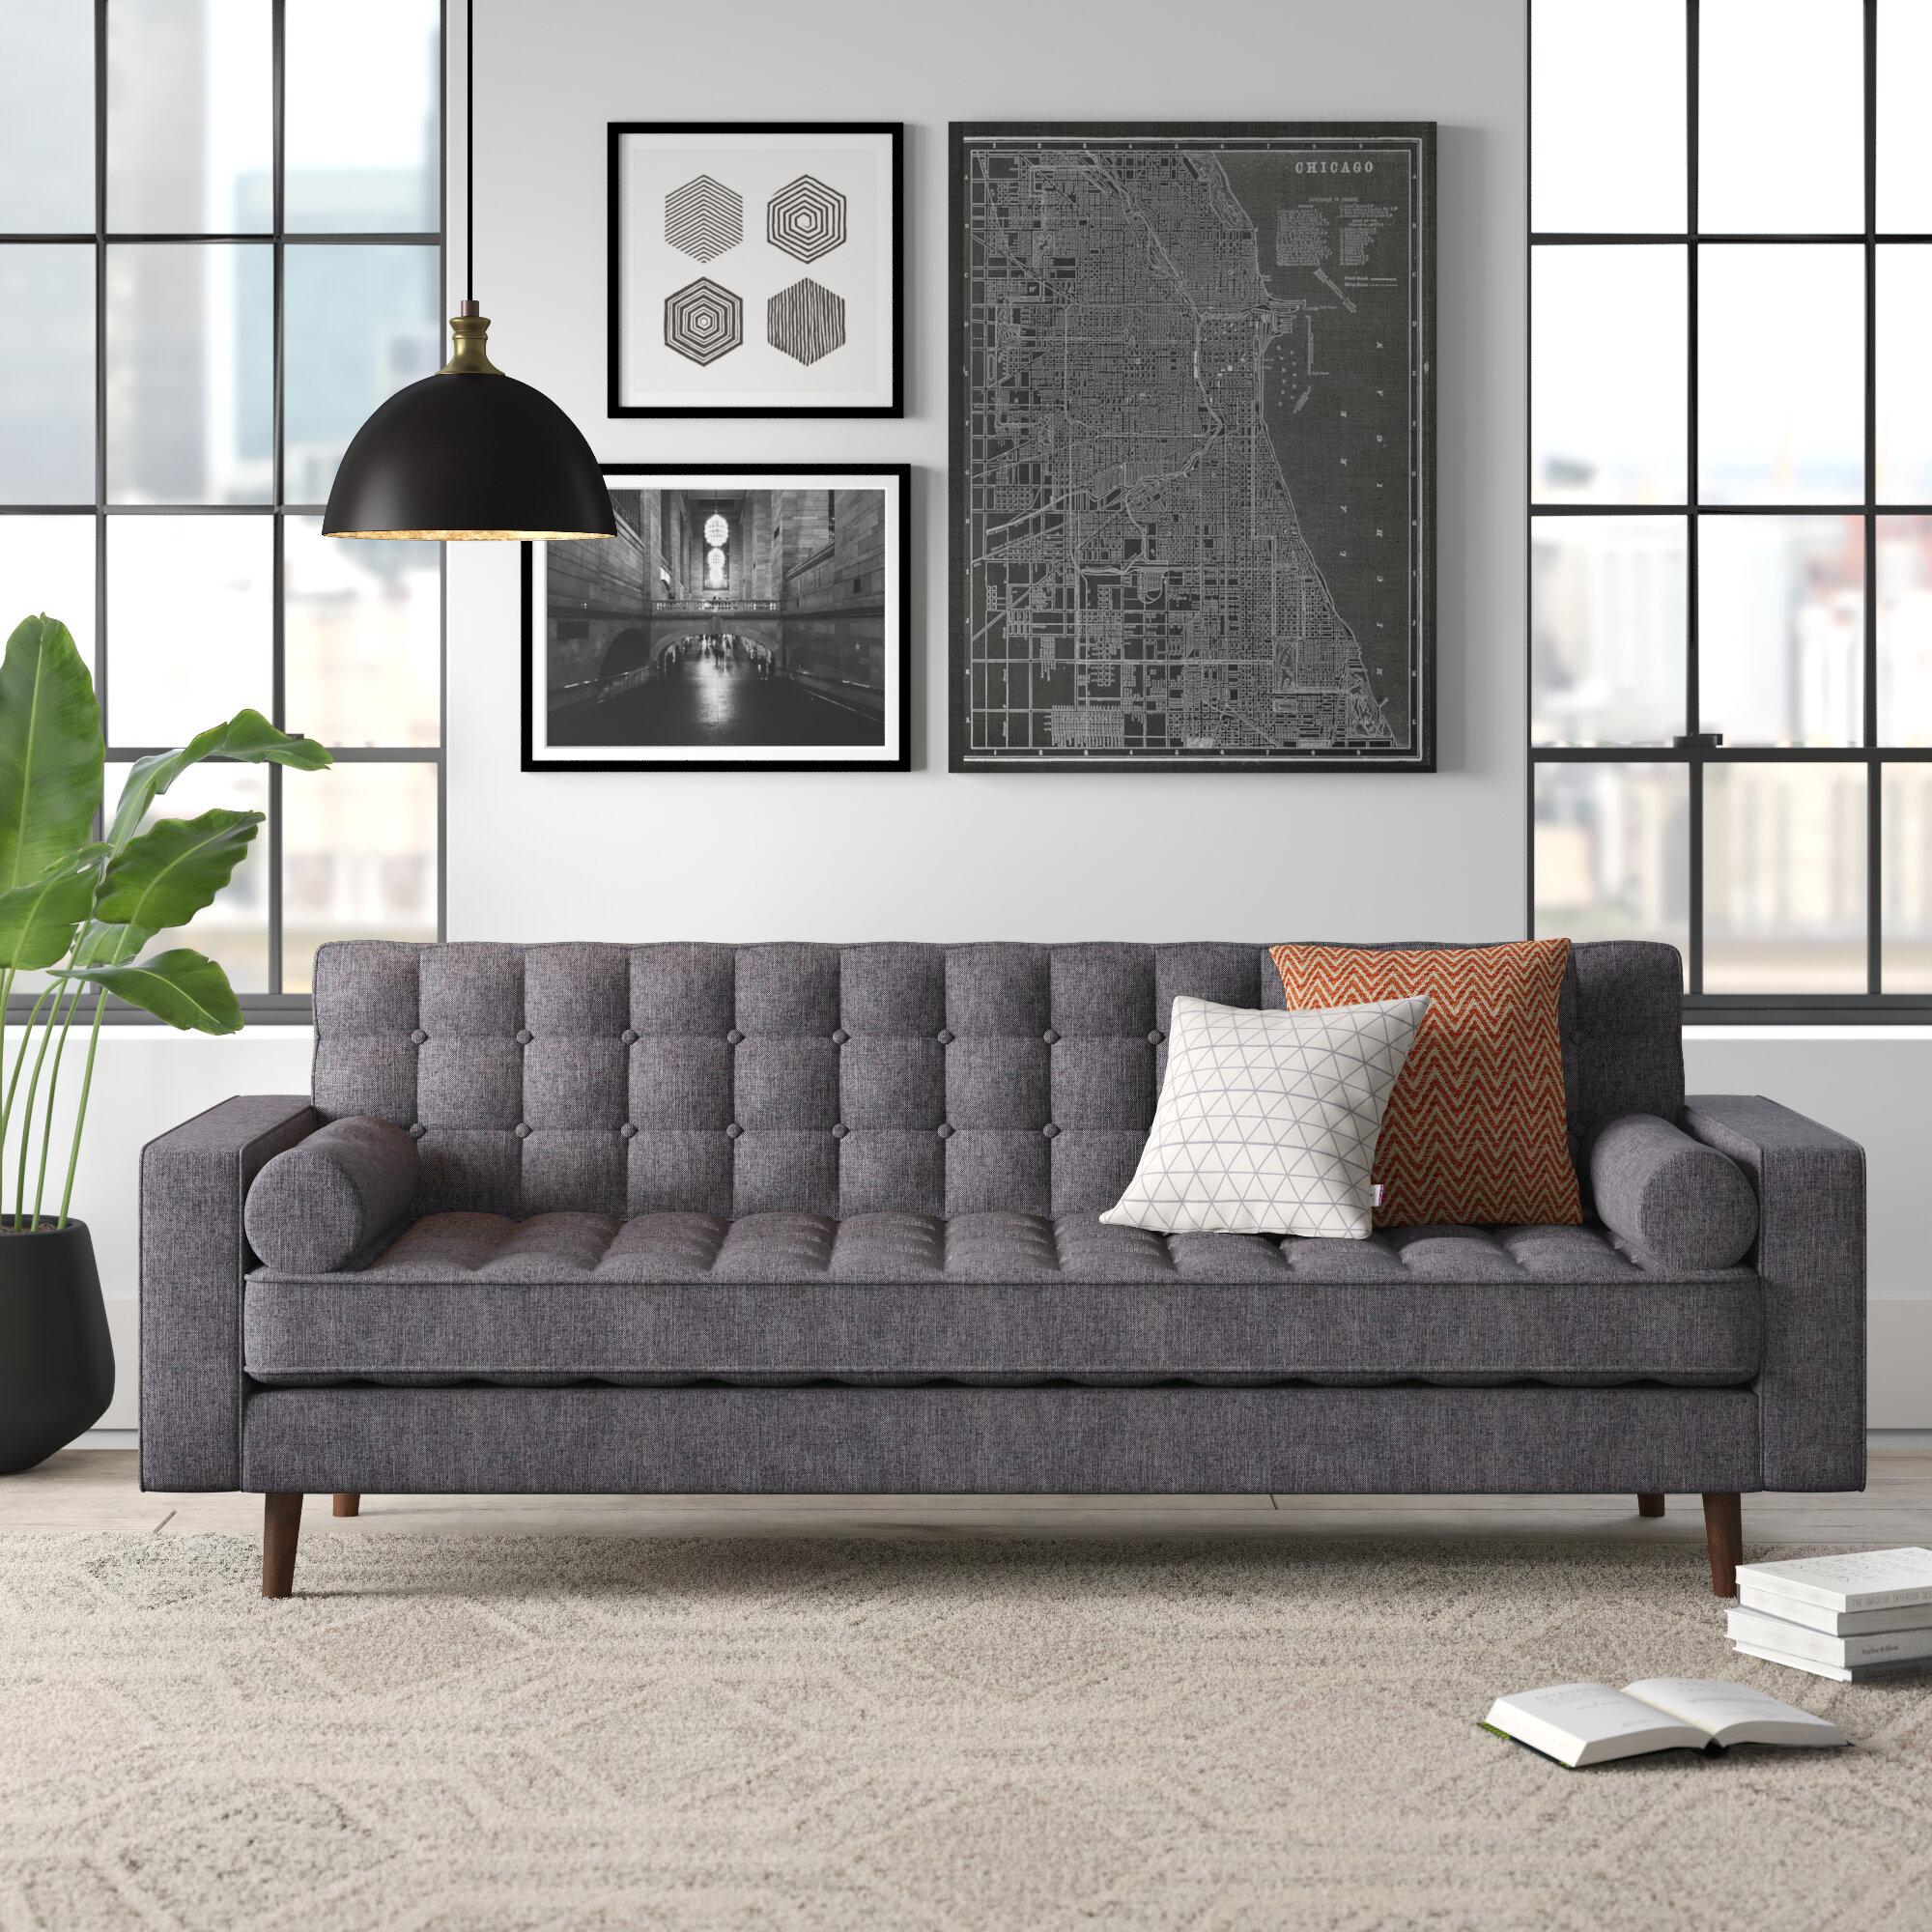 collins-85-square-arm-sofa